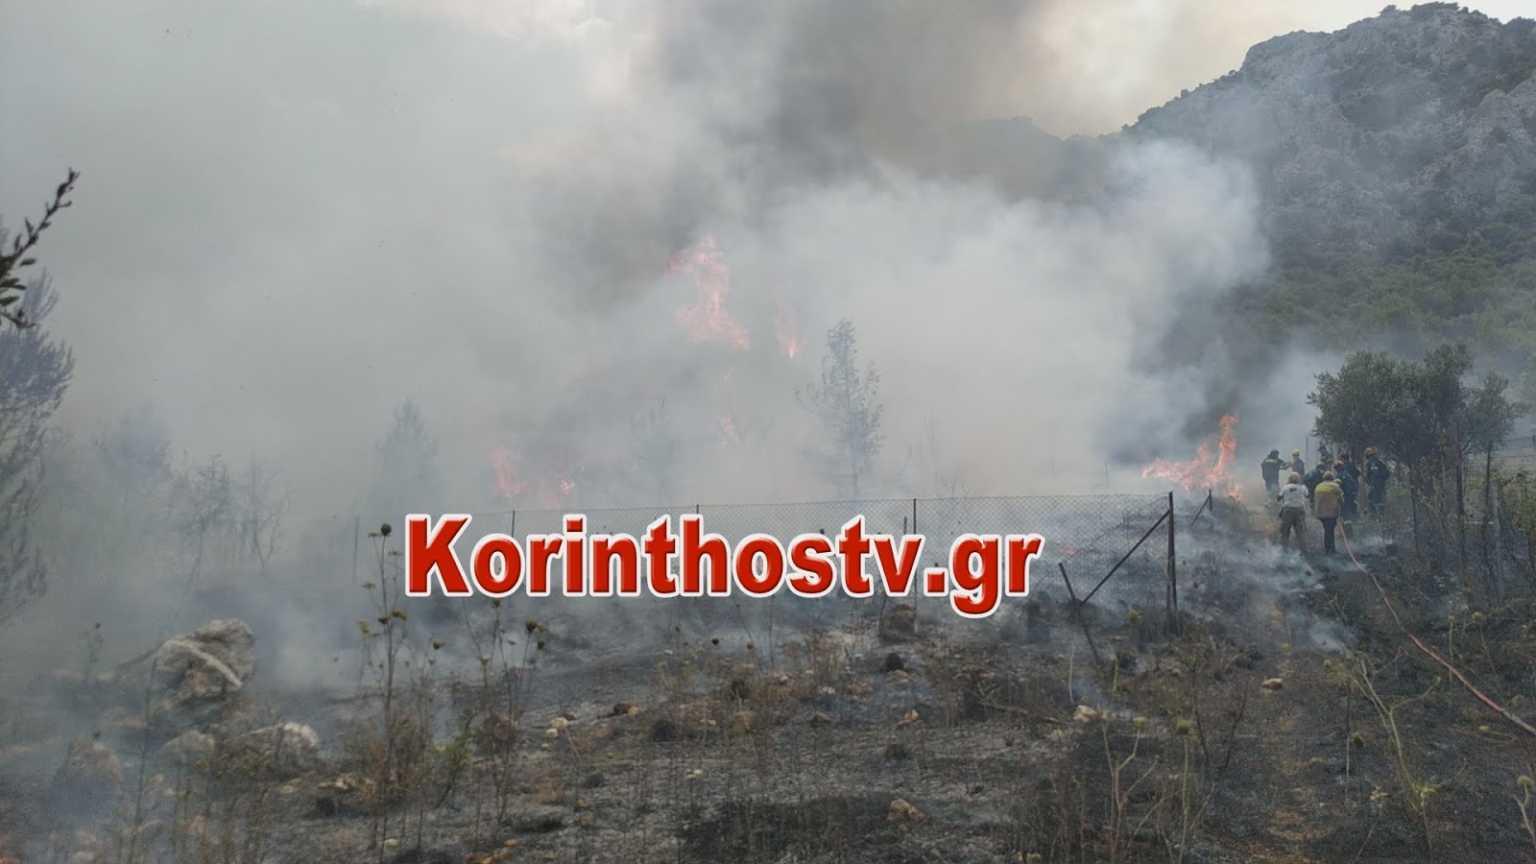 Μεγάλη φωτιά στην Κορινθία: Εκκενώνονται οικισμοί